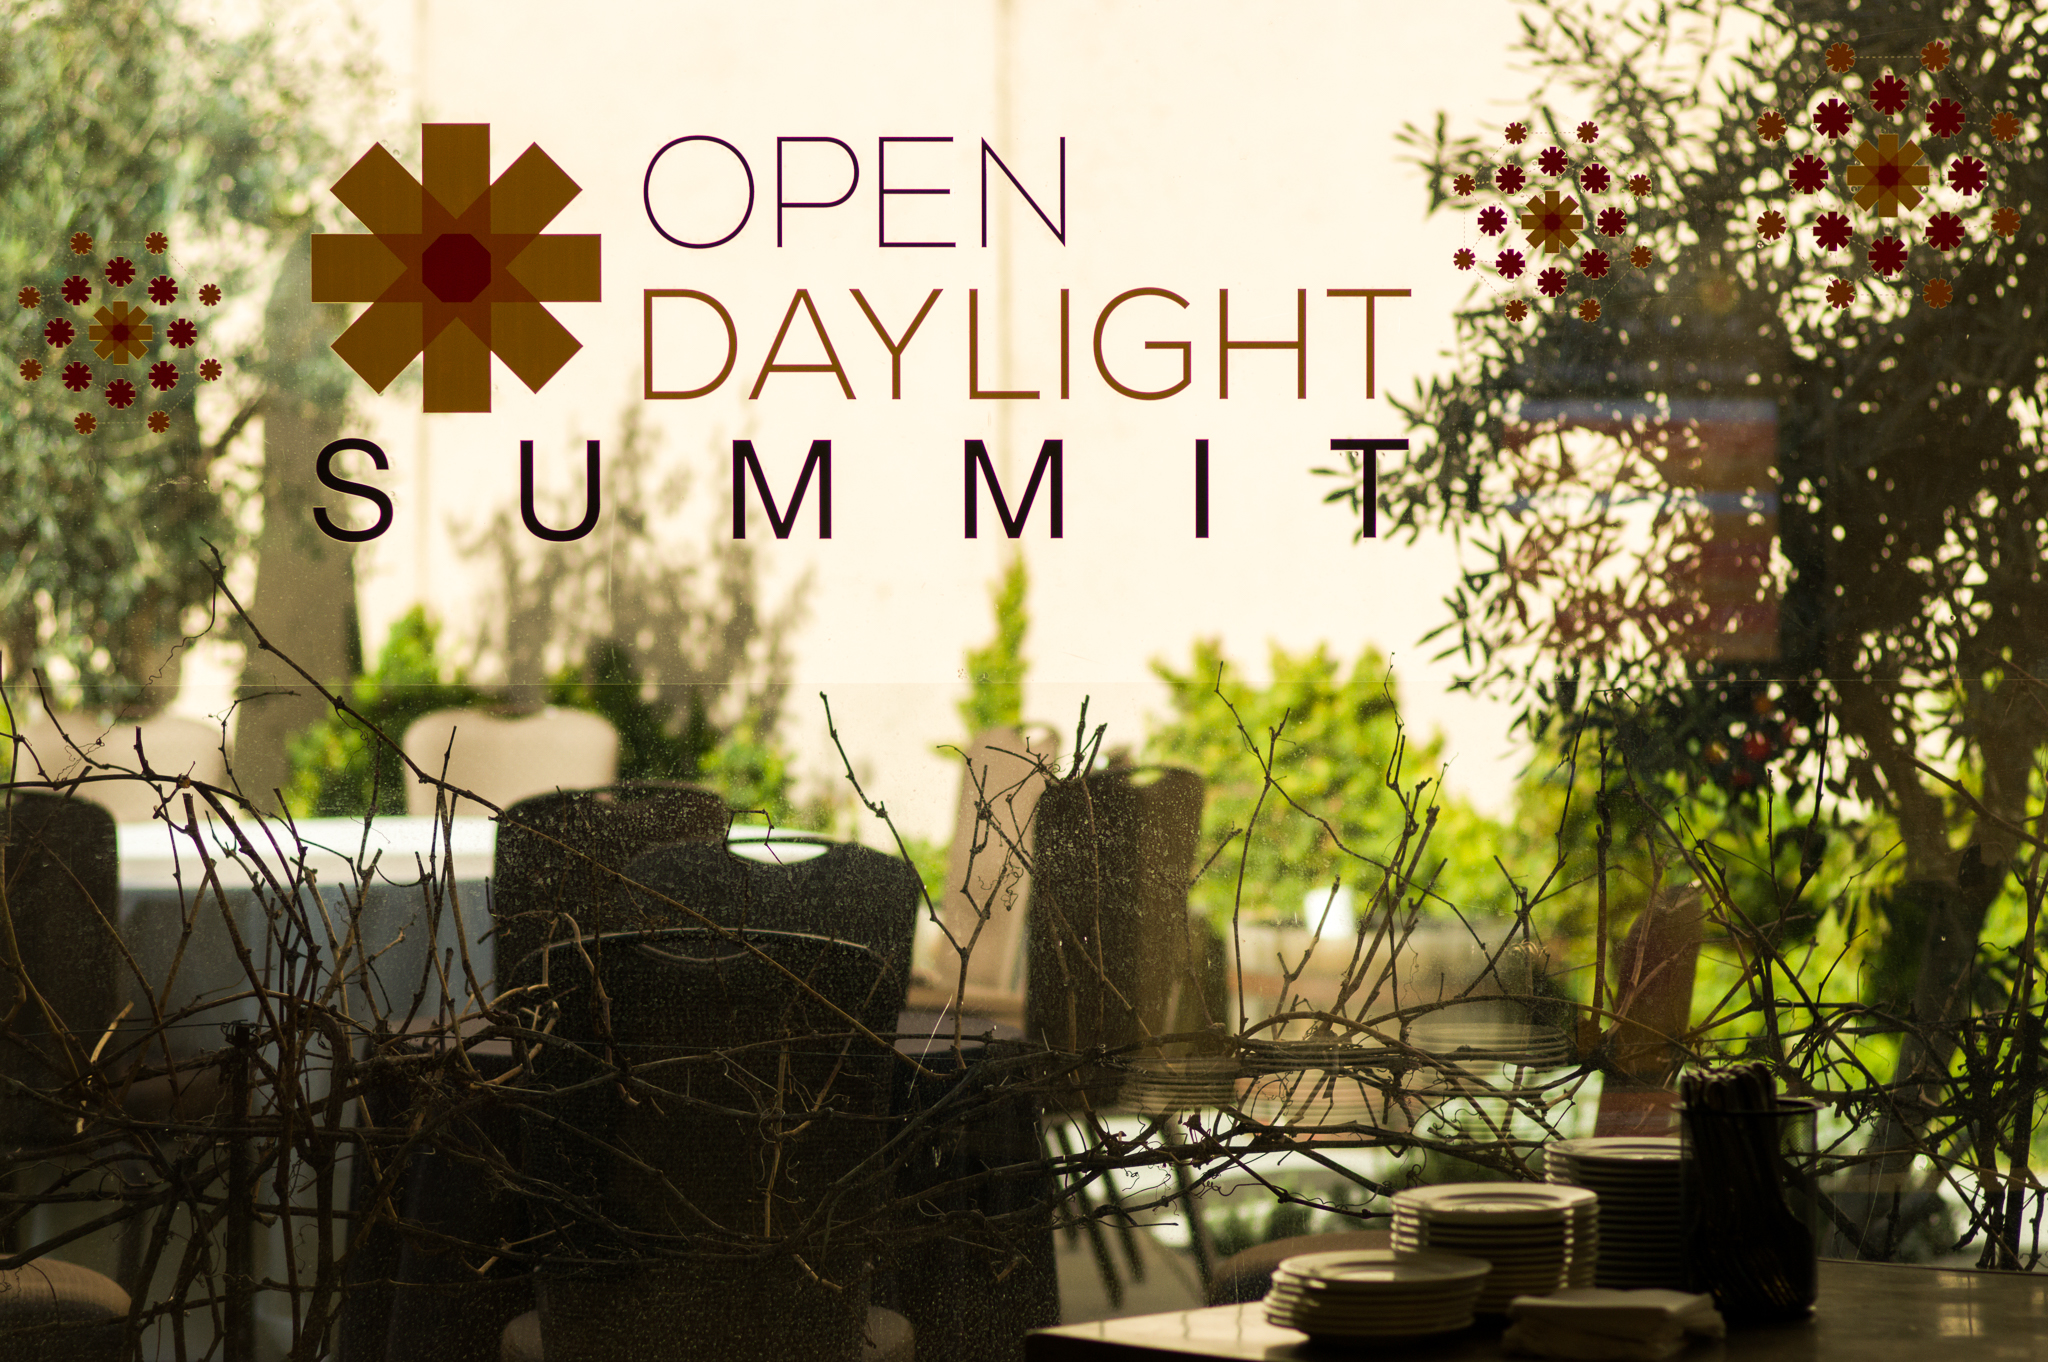 - Linux Open Daylight Summit